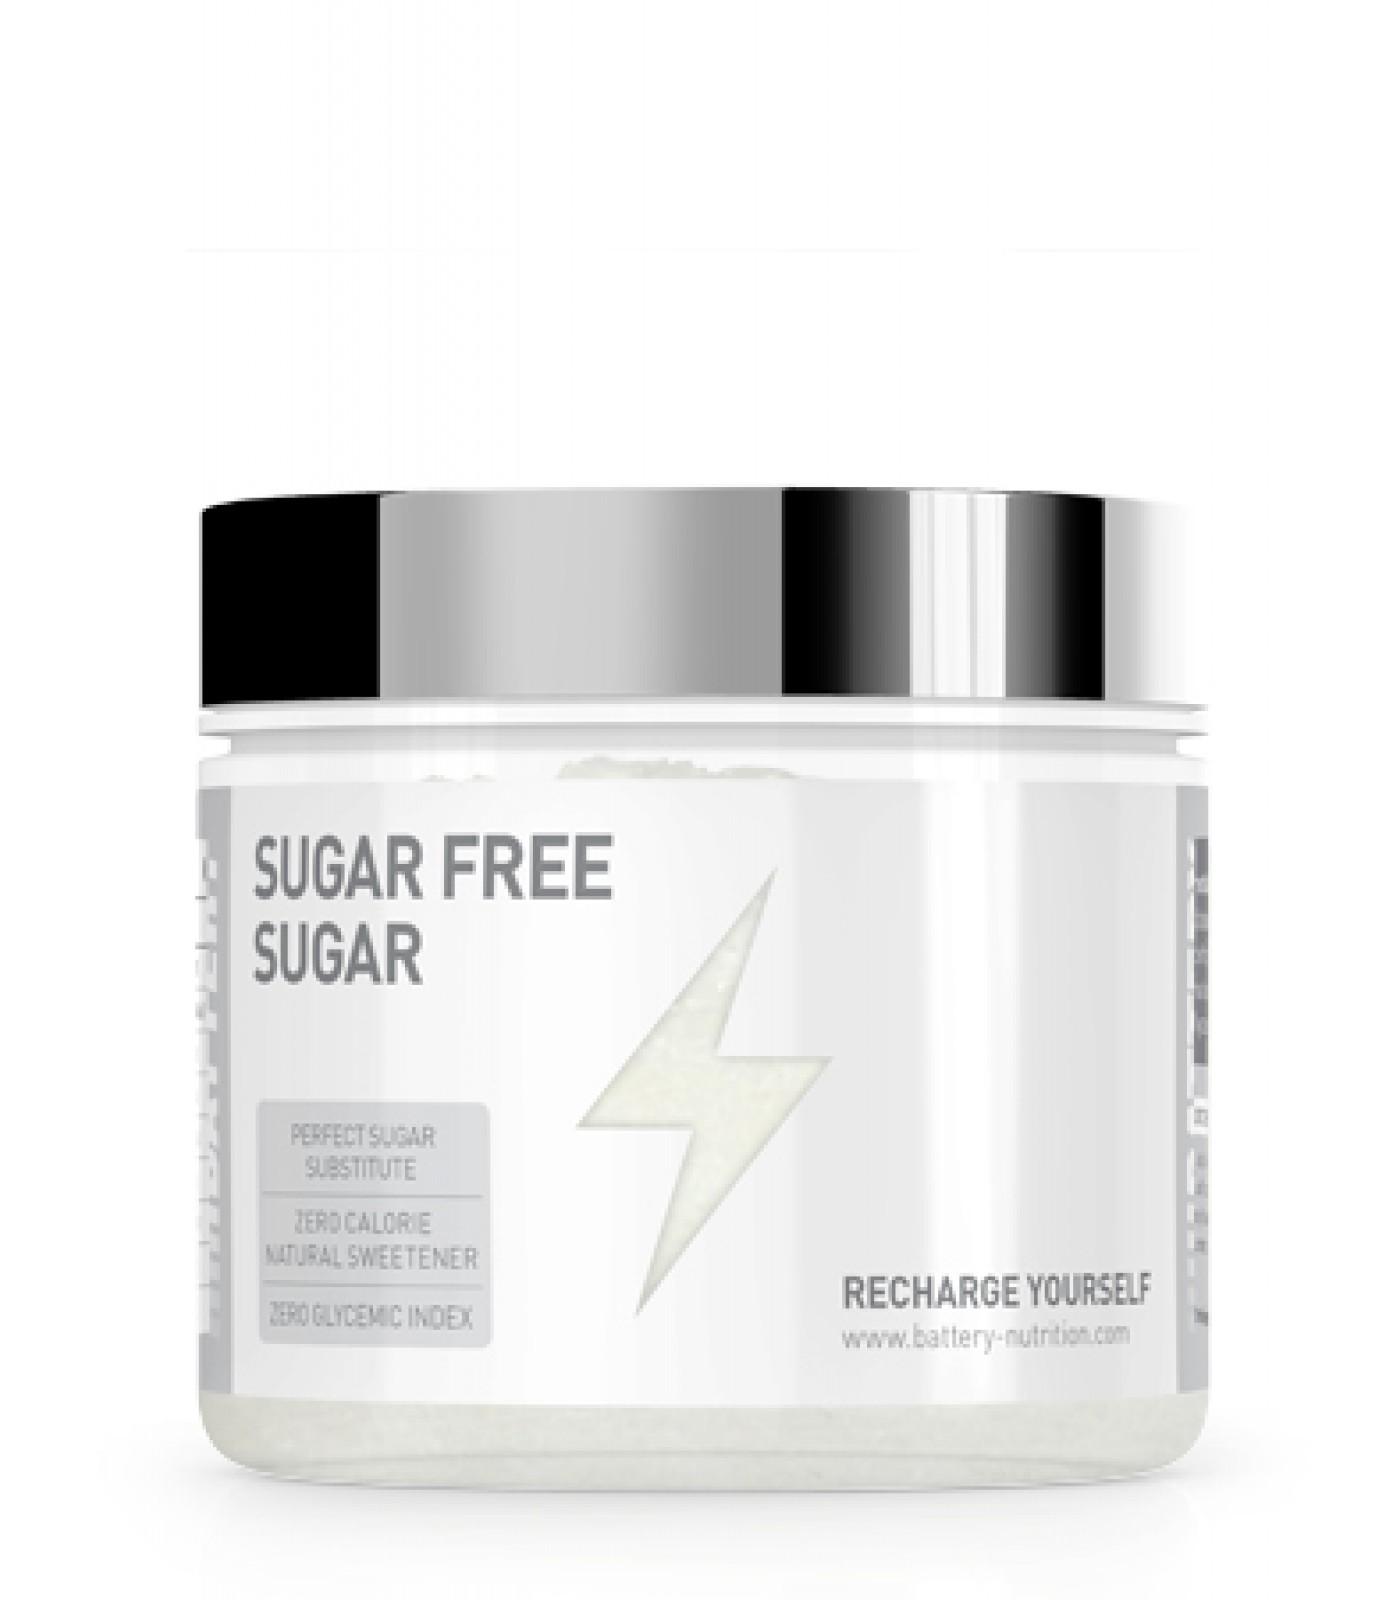 Battery Nutrition - Sugar FREE Sugar / 500g.